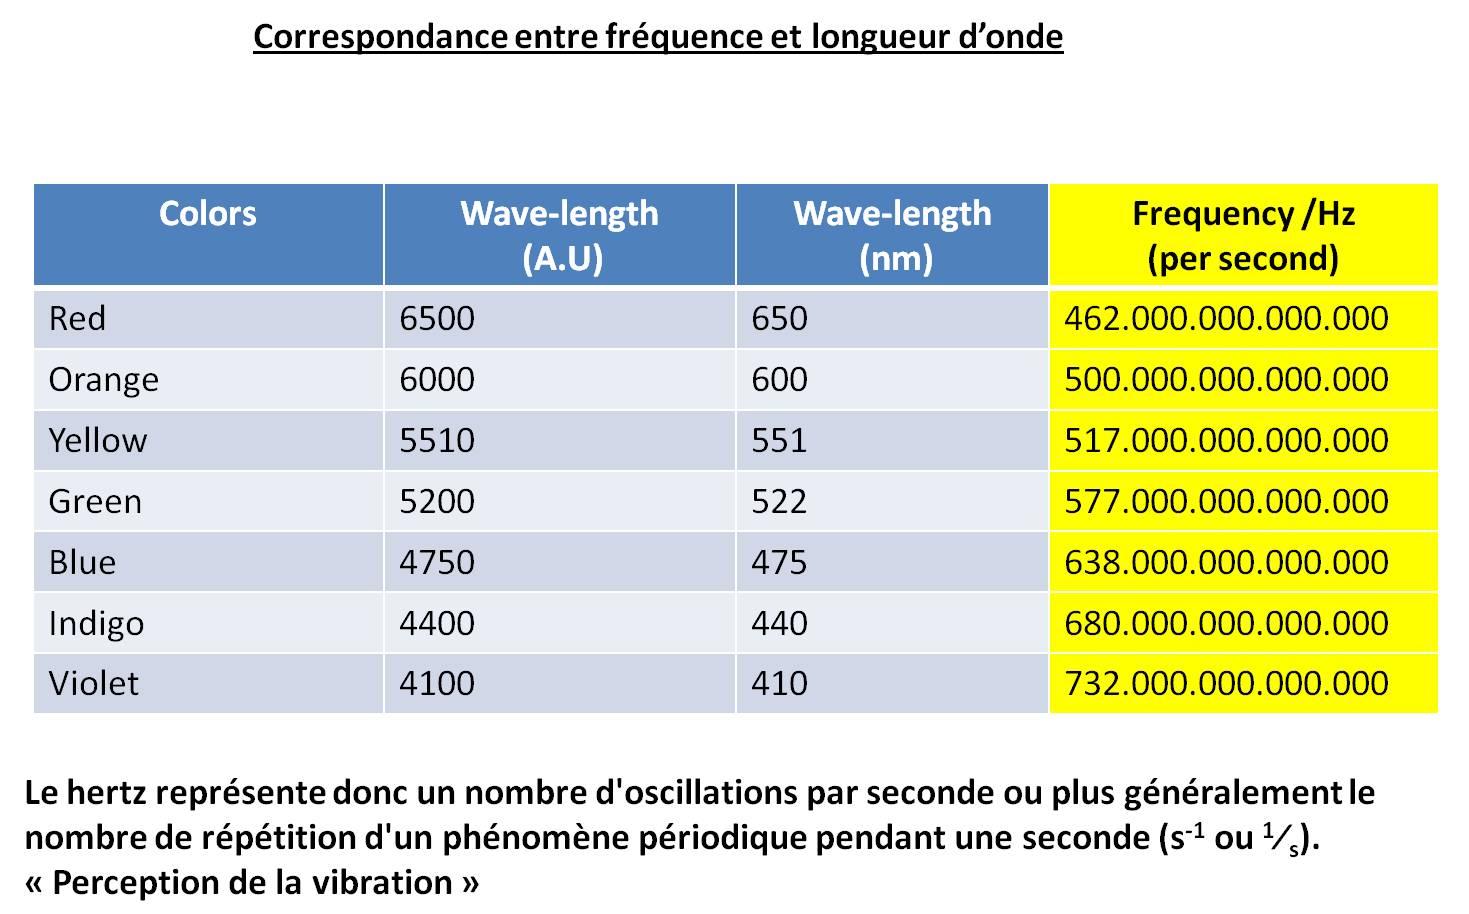 schéma 5: Fréquences des ondes électromagnétique et longueurs d'onde dans le vide et dans l'air - >Electromagnetic wave frequencies and lengths in vacuo and in air / Fréquence - fréquency / Longueur d'onde - wavelength